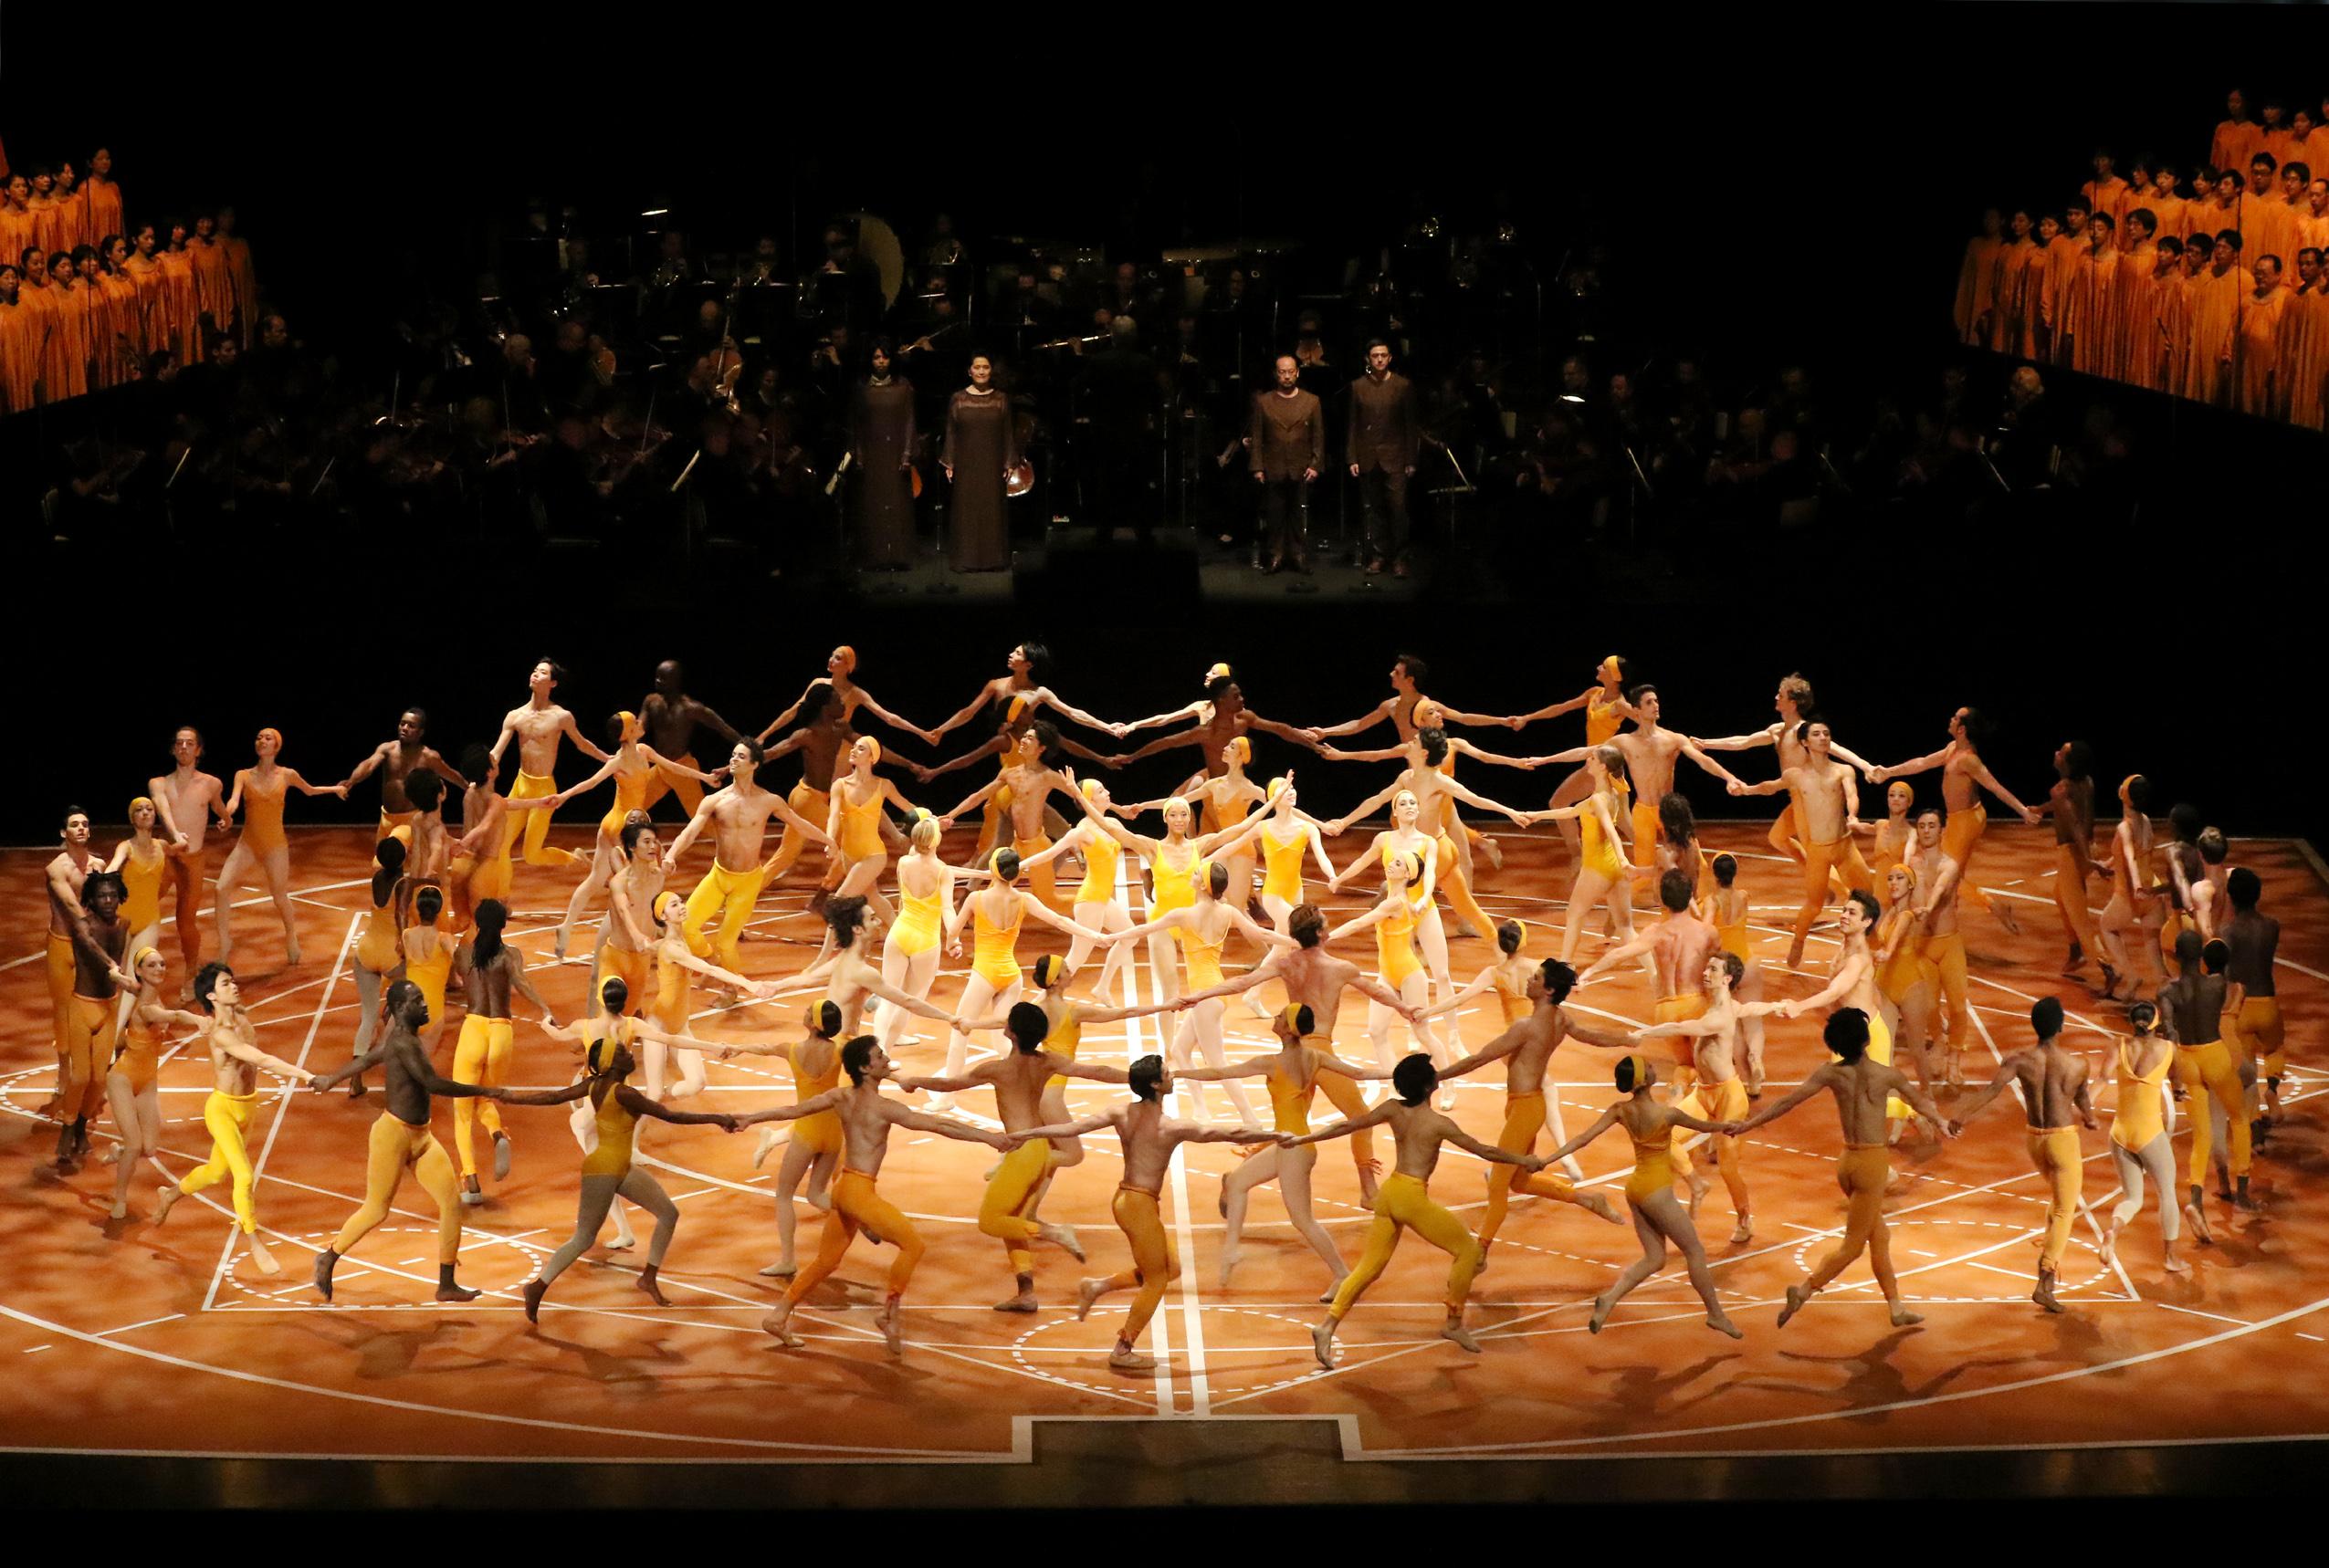 Ritorna La nona sinfonia di Béjart con artisti da tutto il mondo